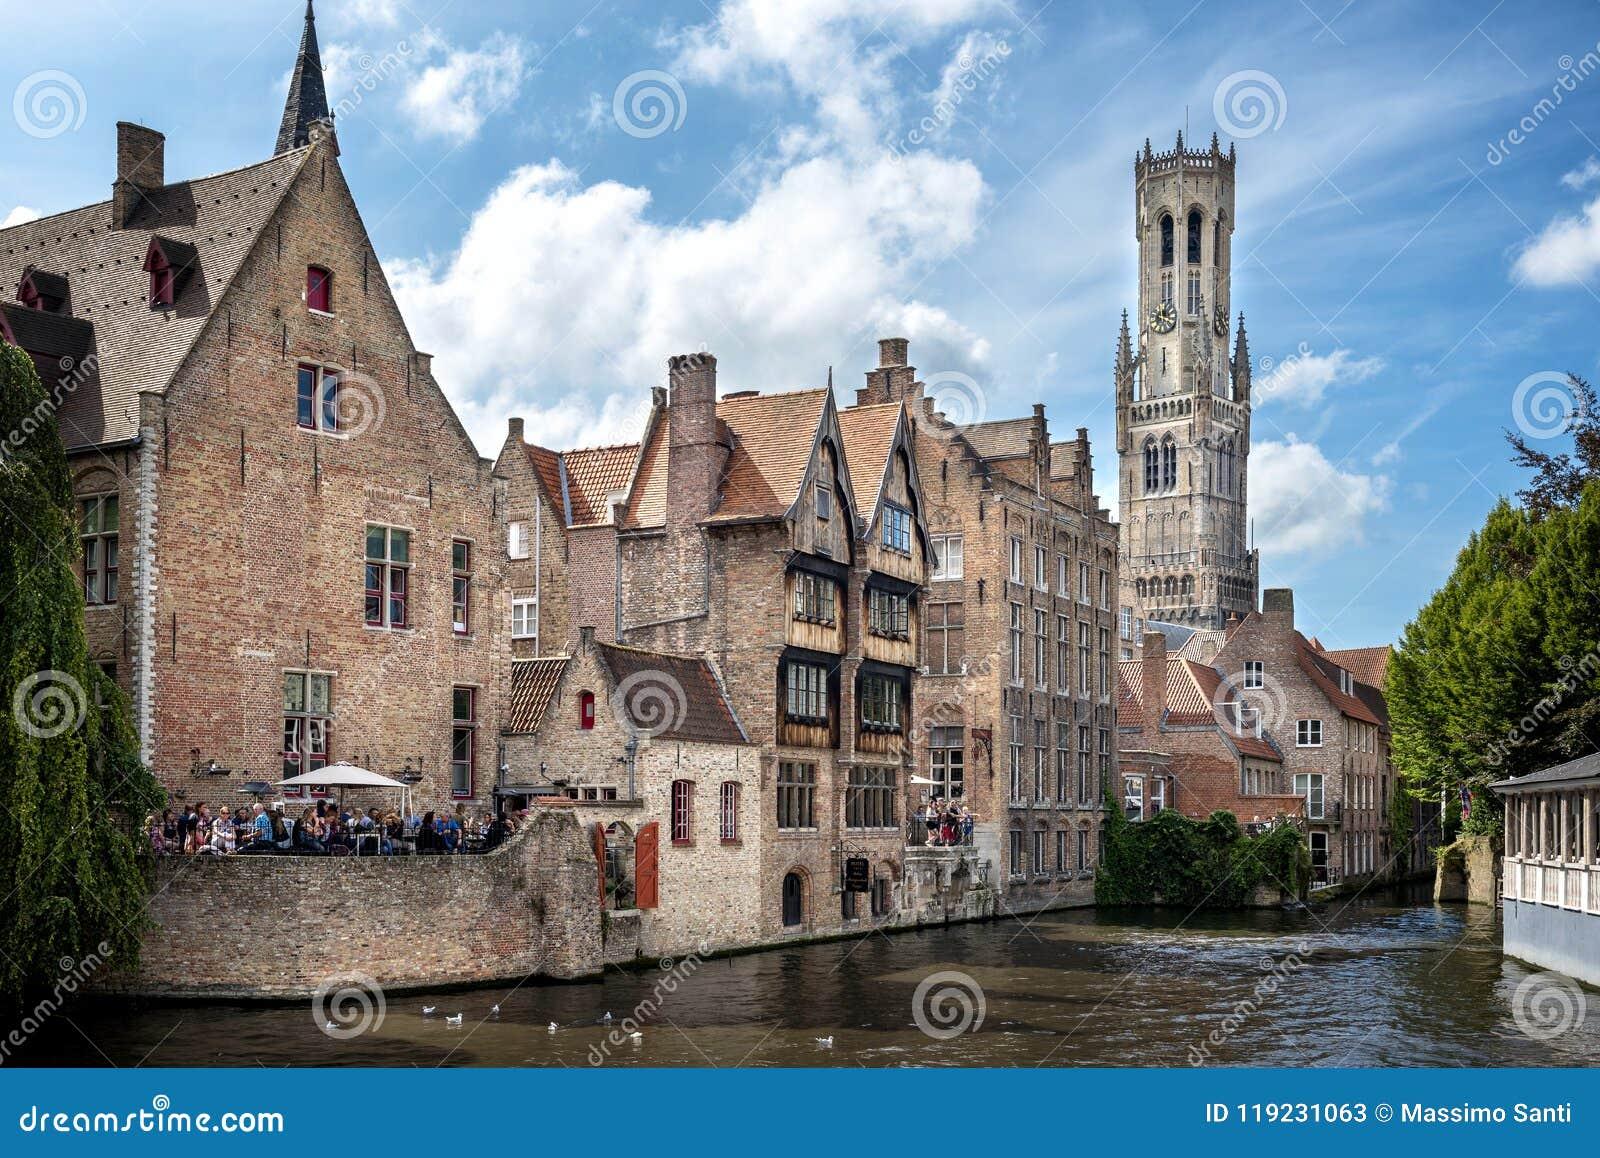 Città storica medievale di Bruges Vie di Bruges e centro, canali e costruzioni storici belgium